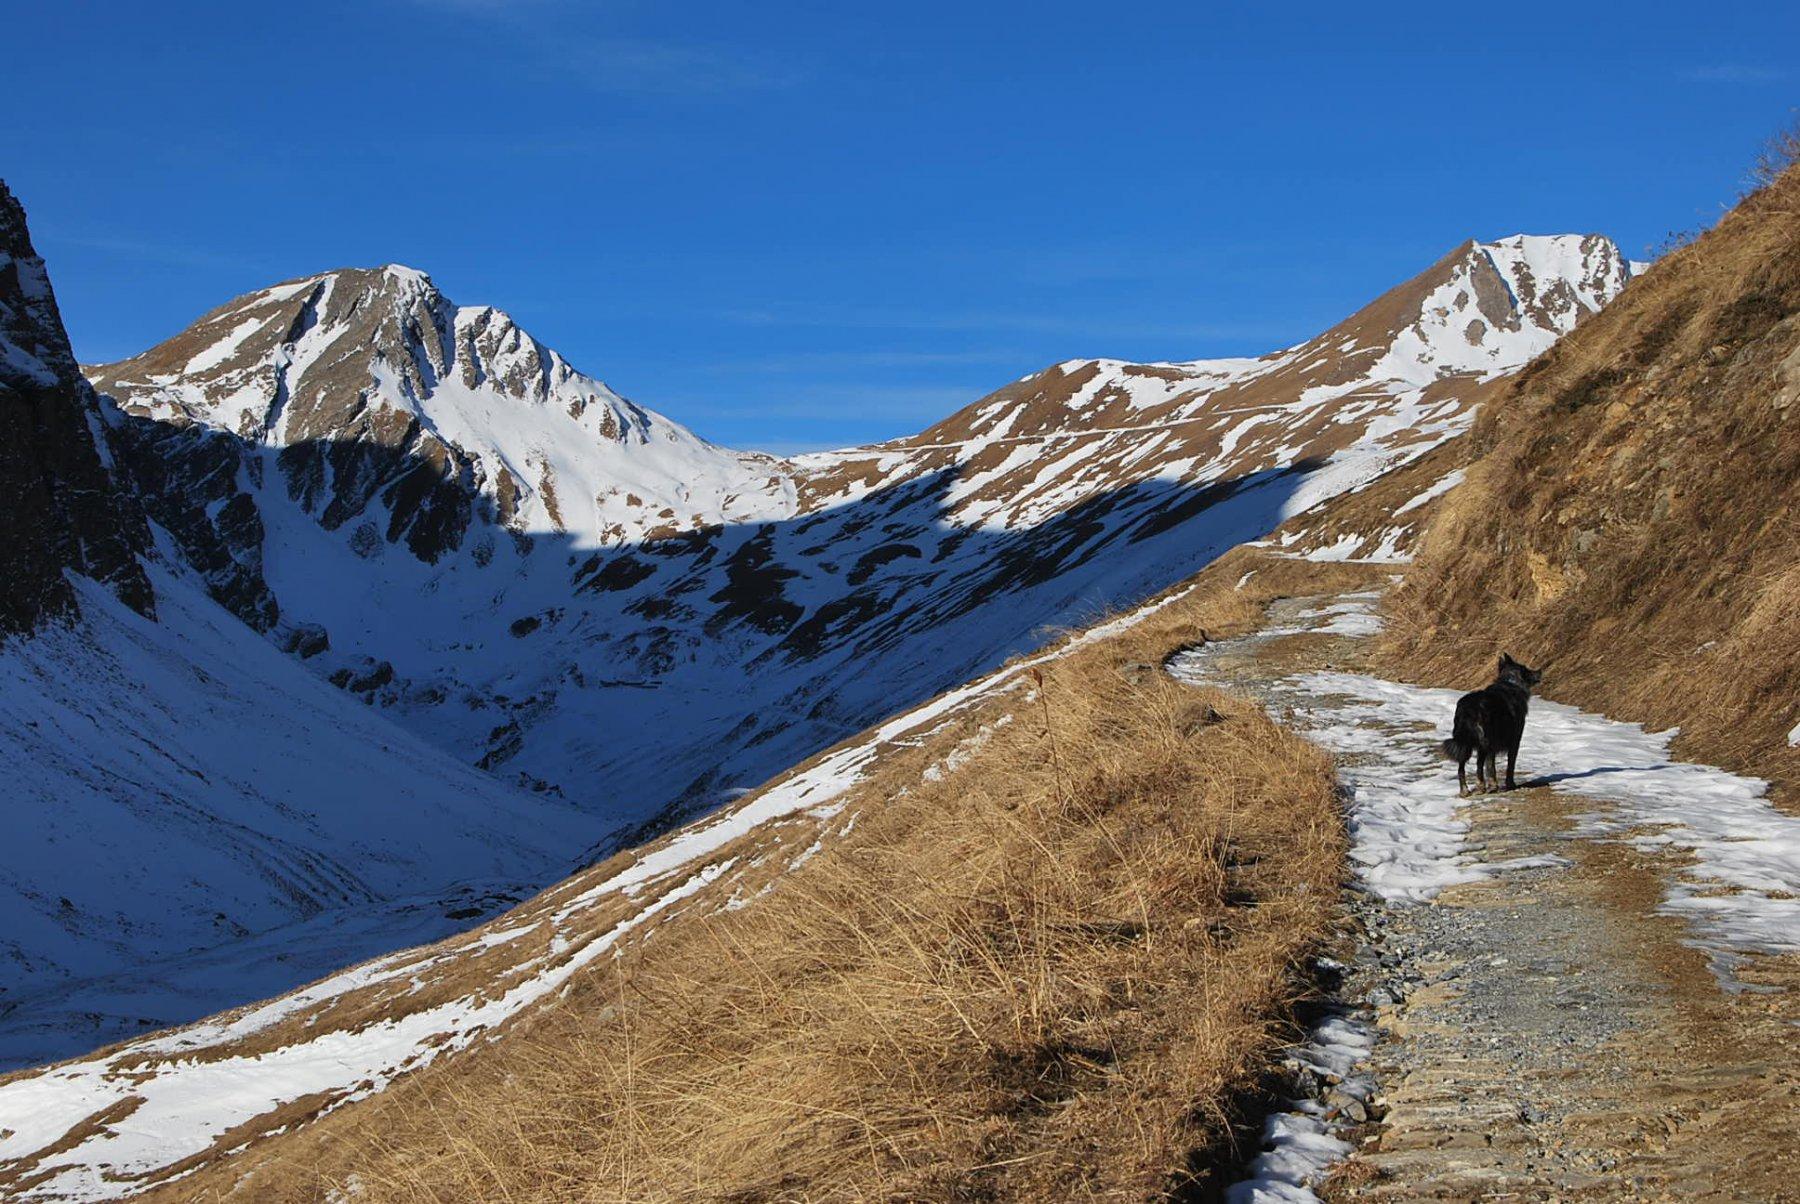 Nel vallone: vista Mont Lechaud, Trelatete e Frank